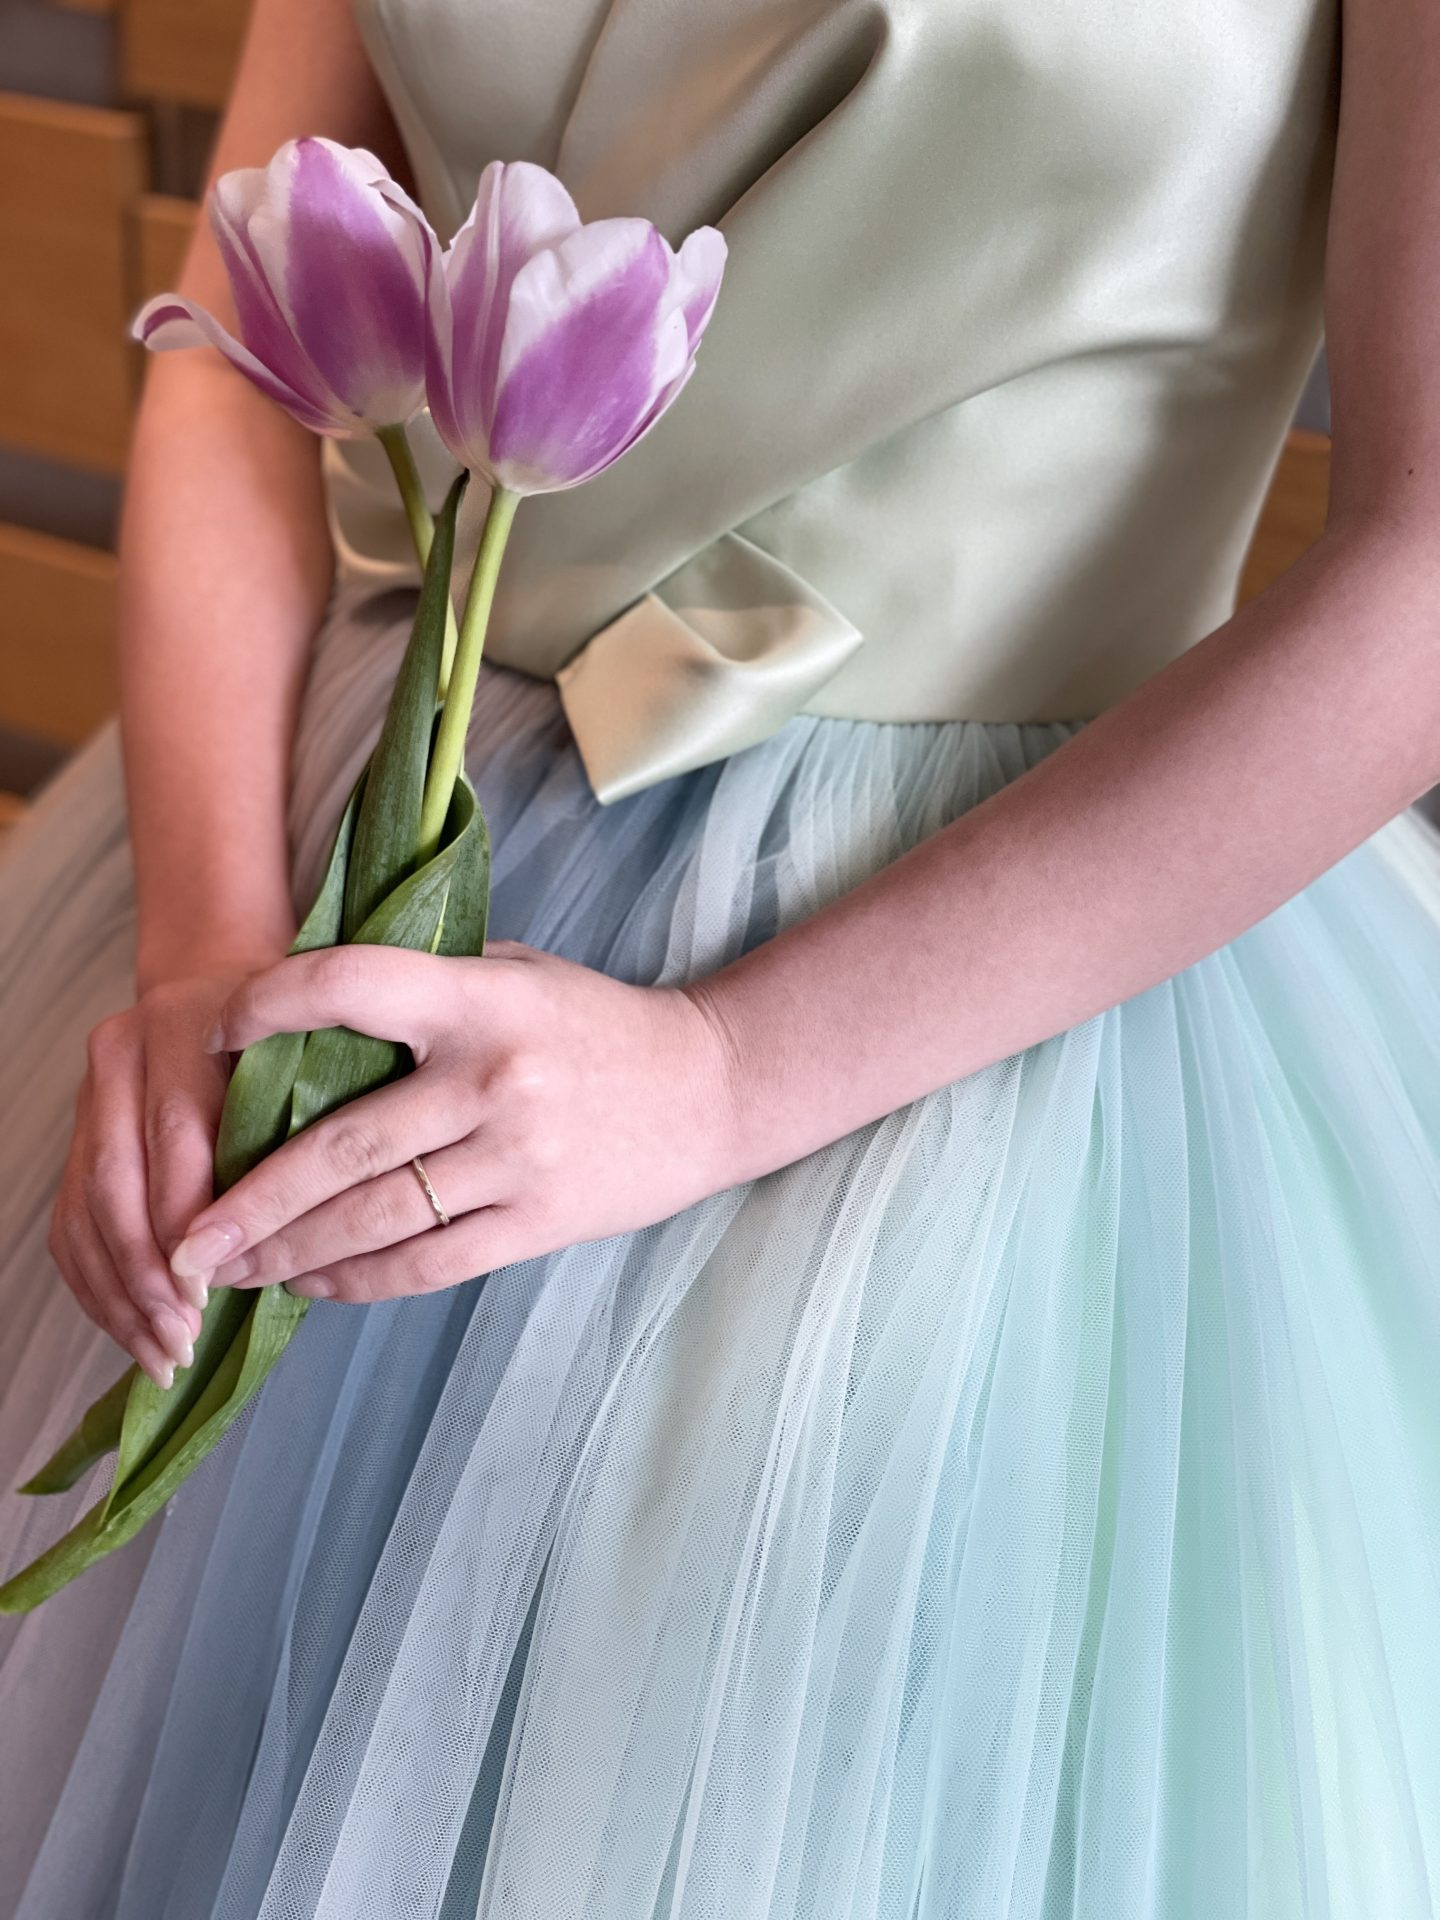 ザ・トリートドレッシングの緑のカラードレスに合わせた白と紫のチューリップのブーケ